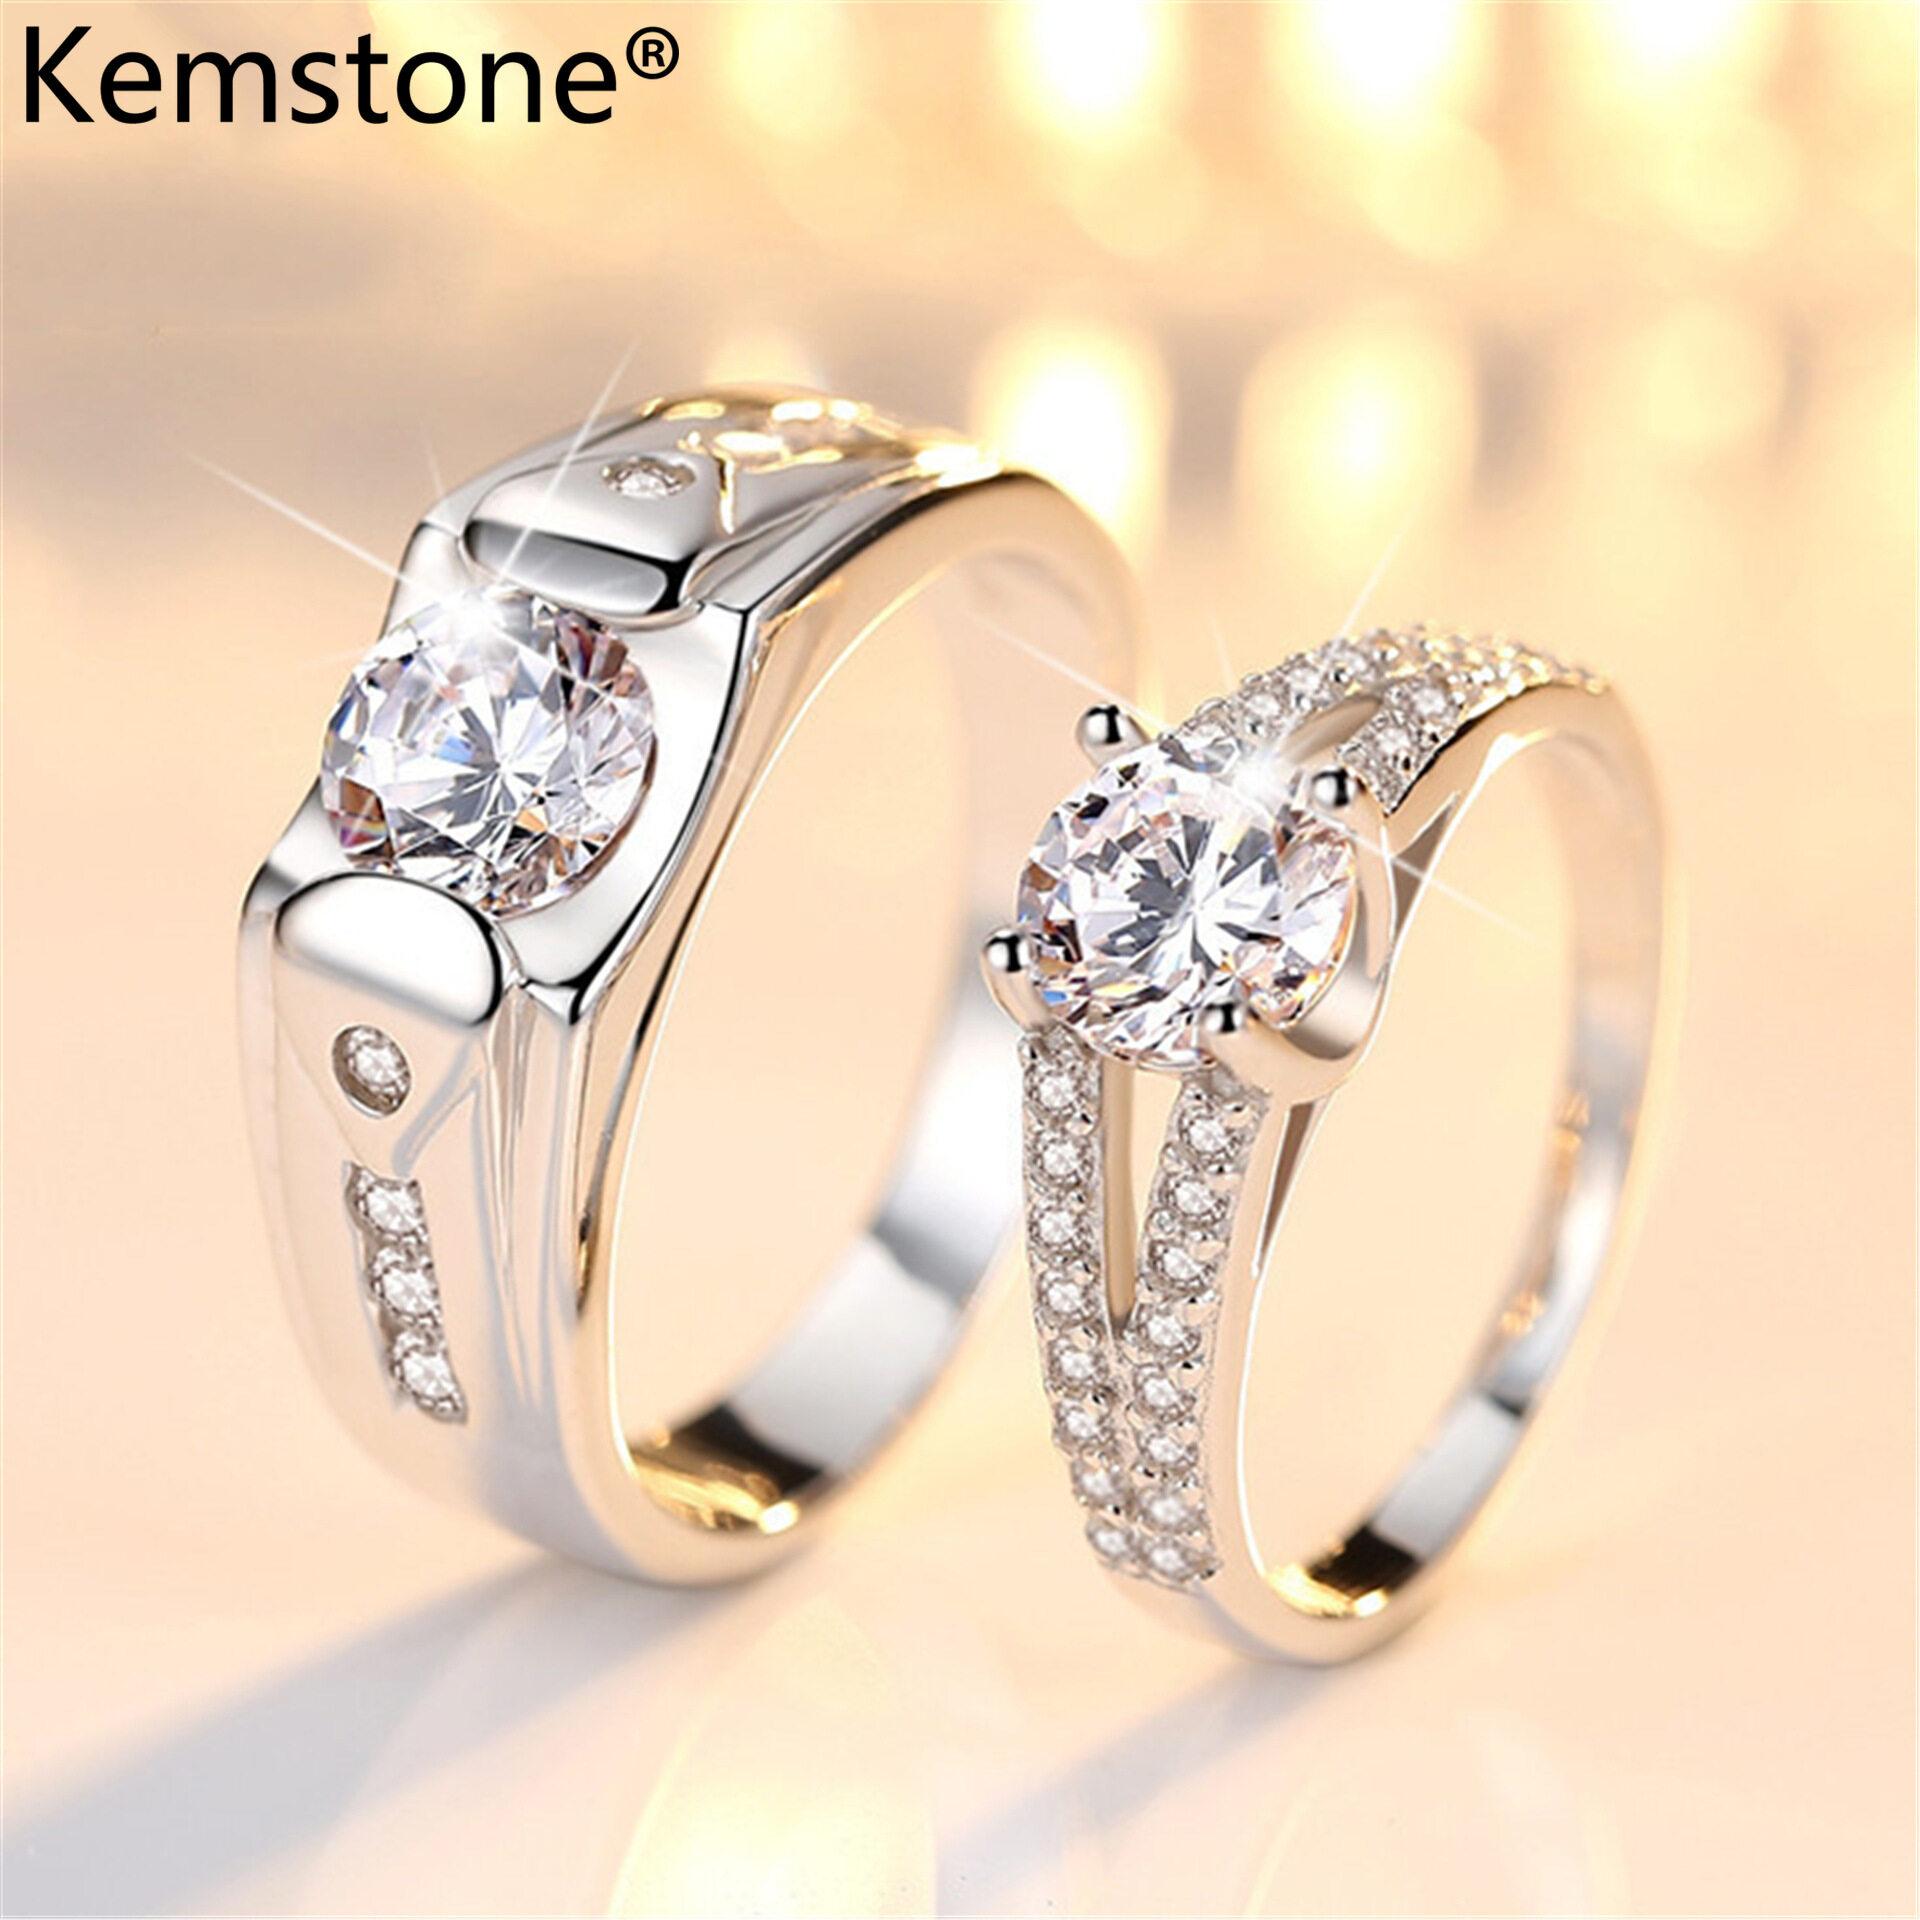 Kemstone nhẫn đôi mạ bạch kim cho nam nữ nhẫn cổ điển bằng đá Cubic Zirconia khảm hình khối phong cách thời trang - INTL